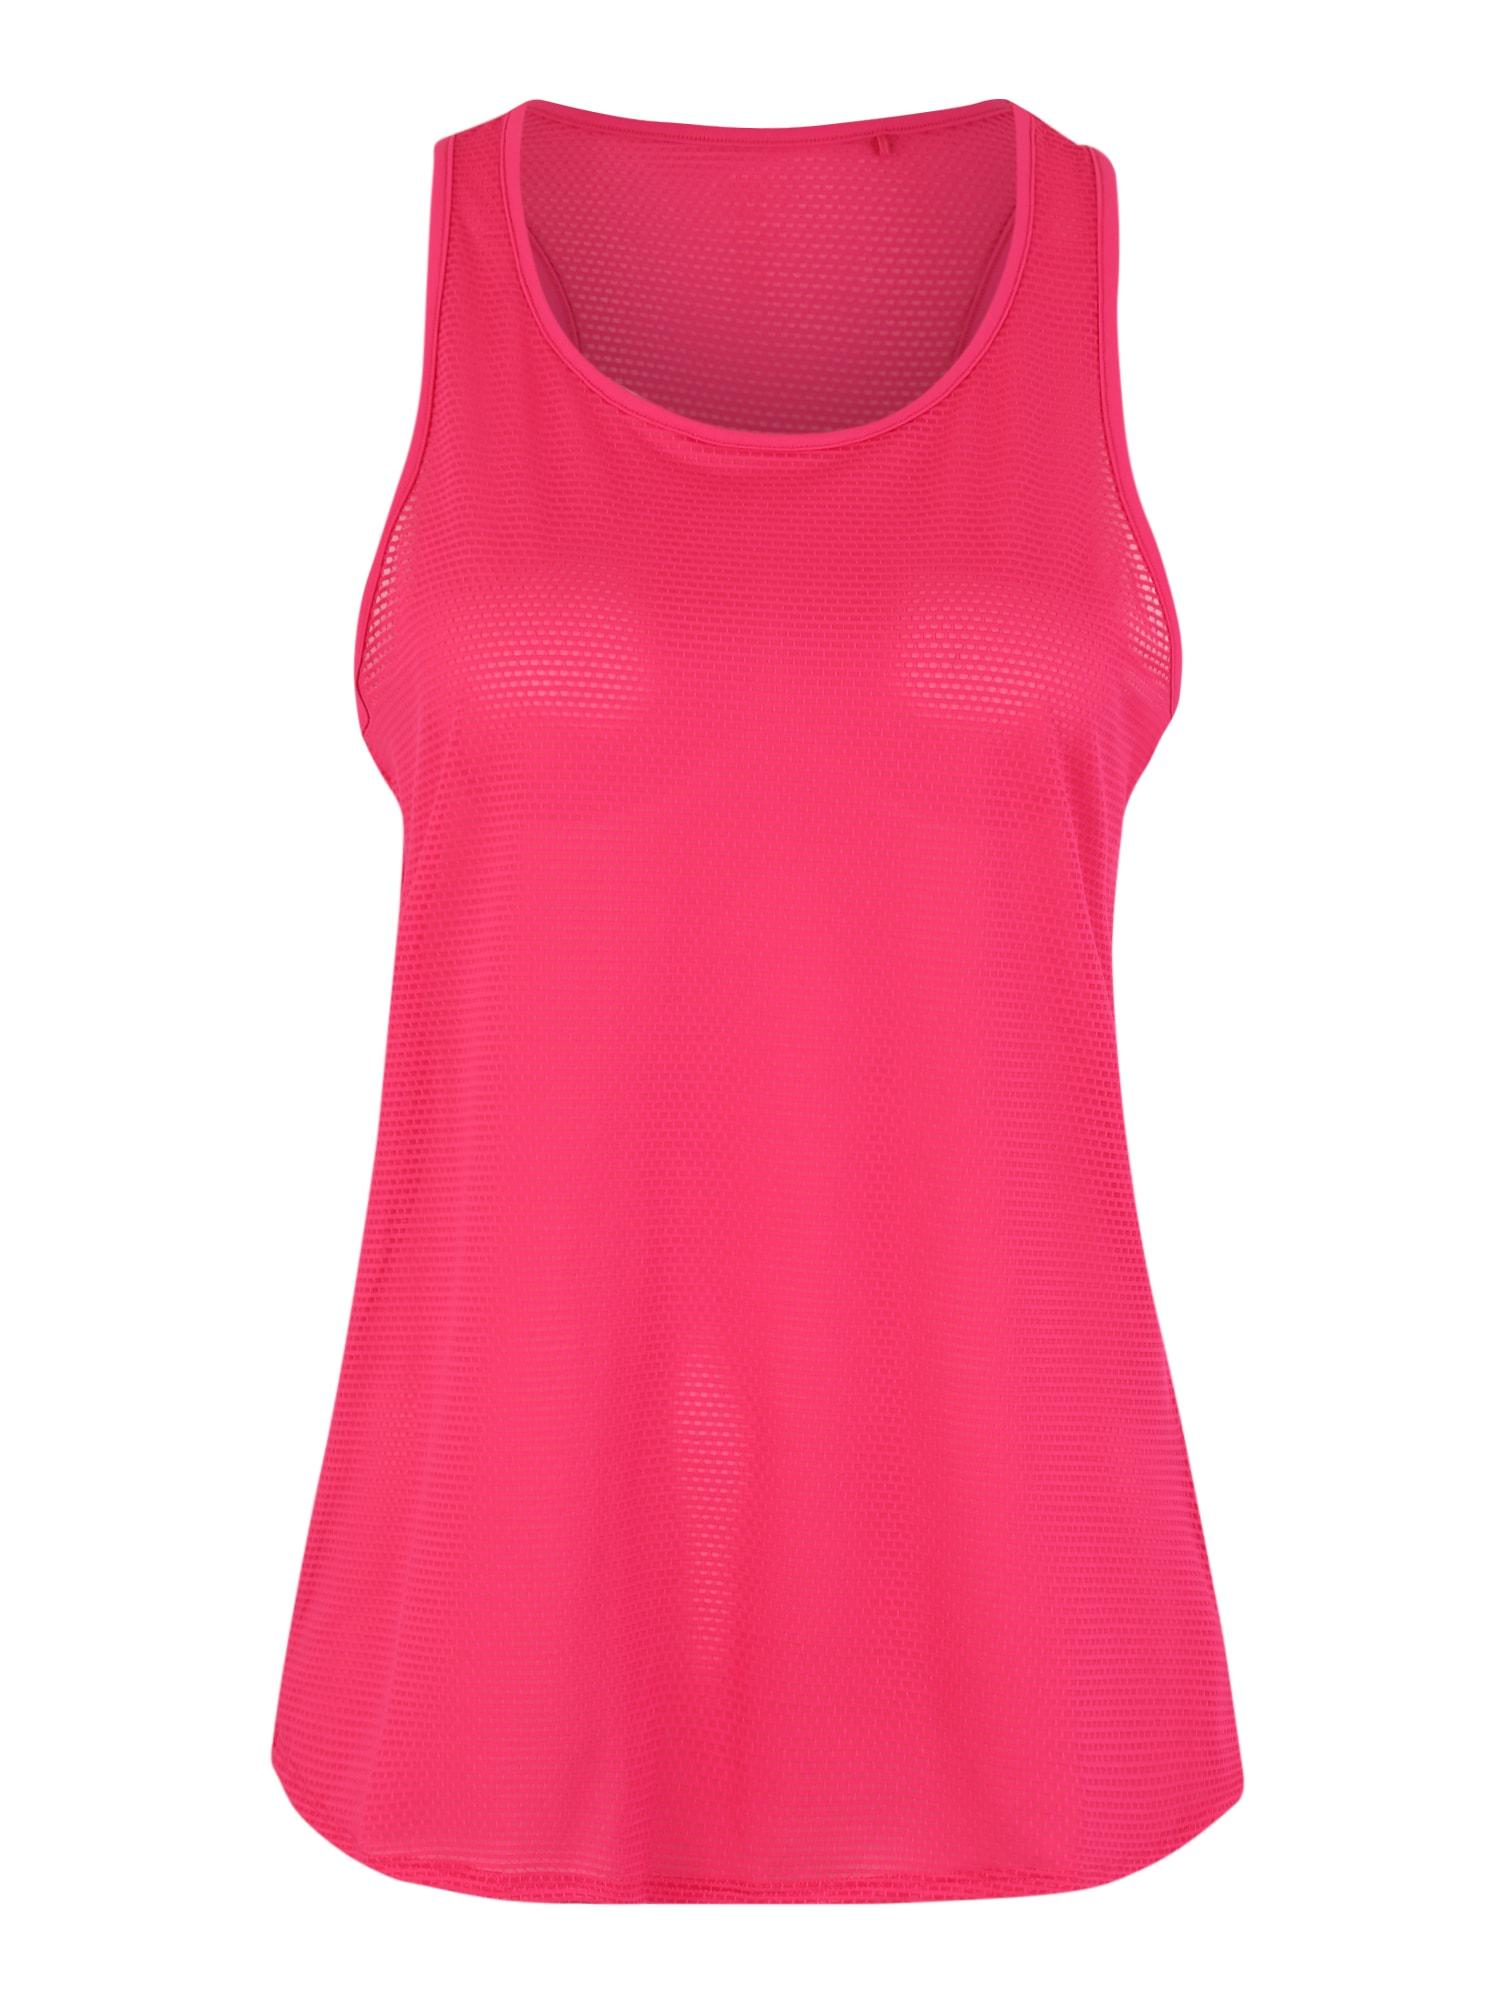 Sportovní top Edry pink bílá ESPRIT SPORTS